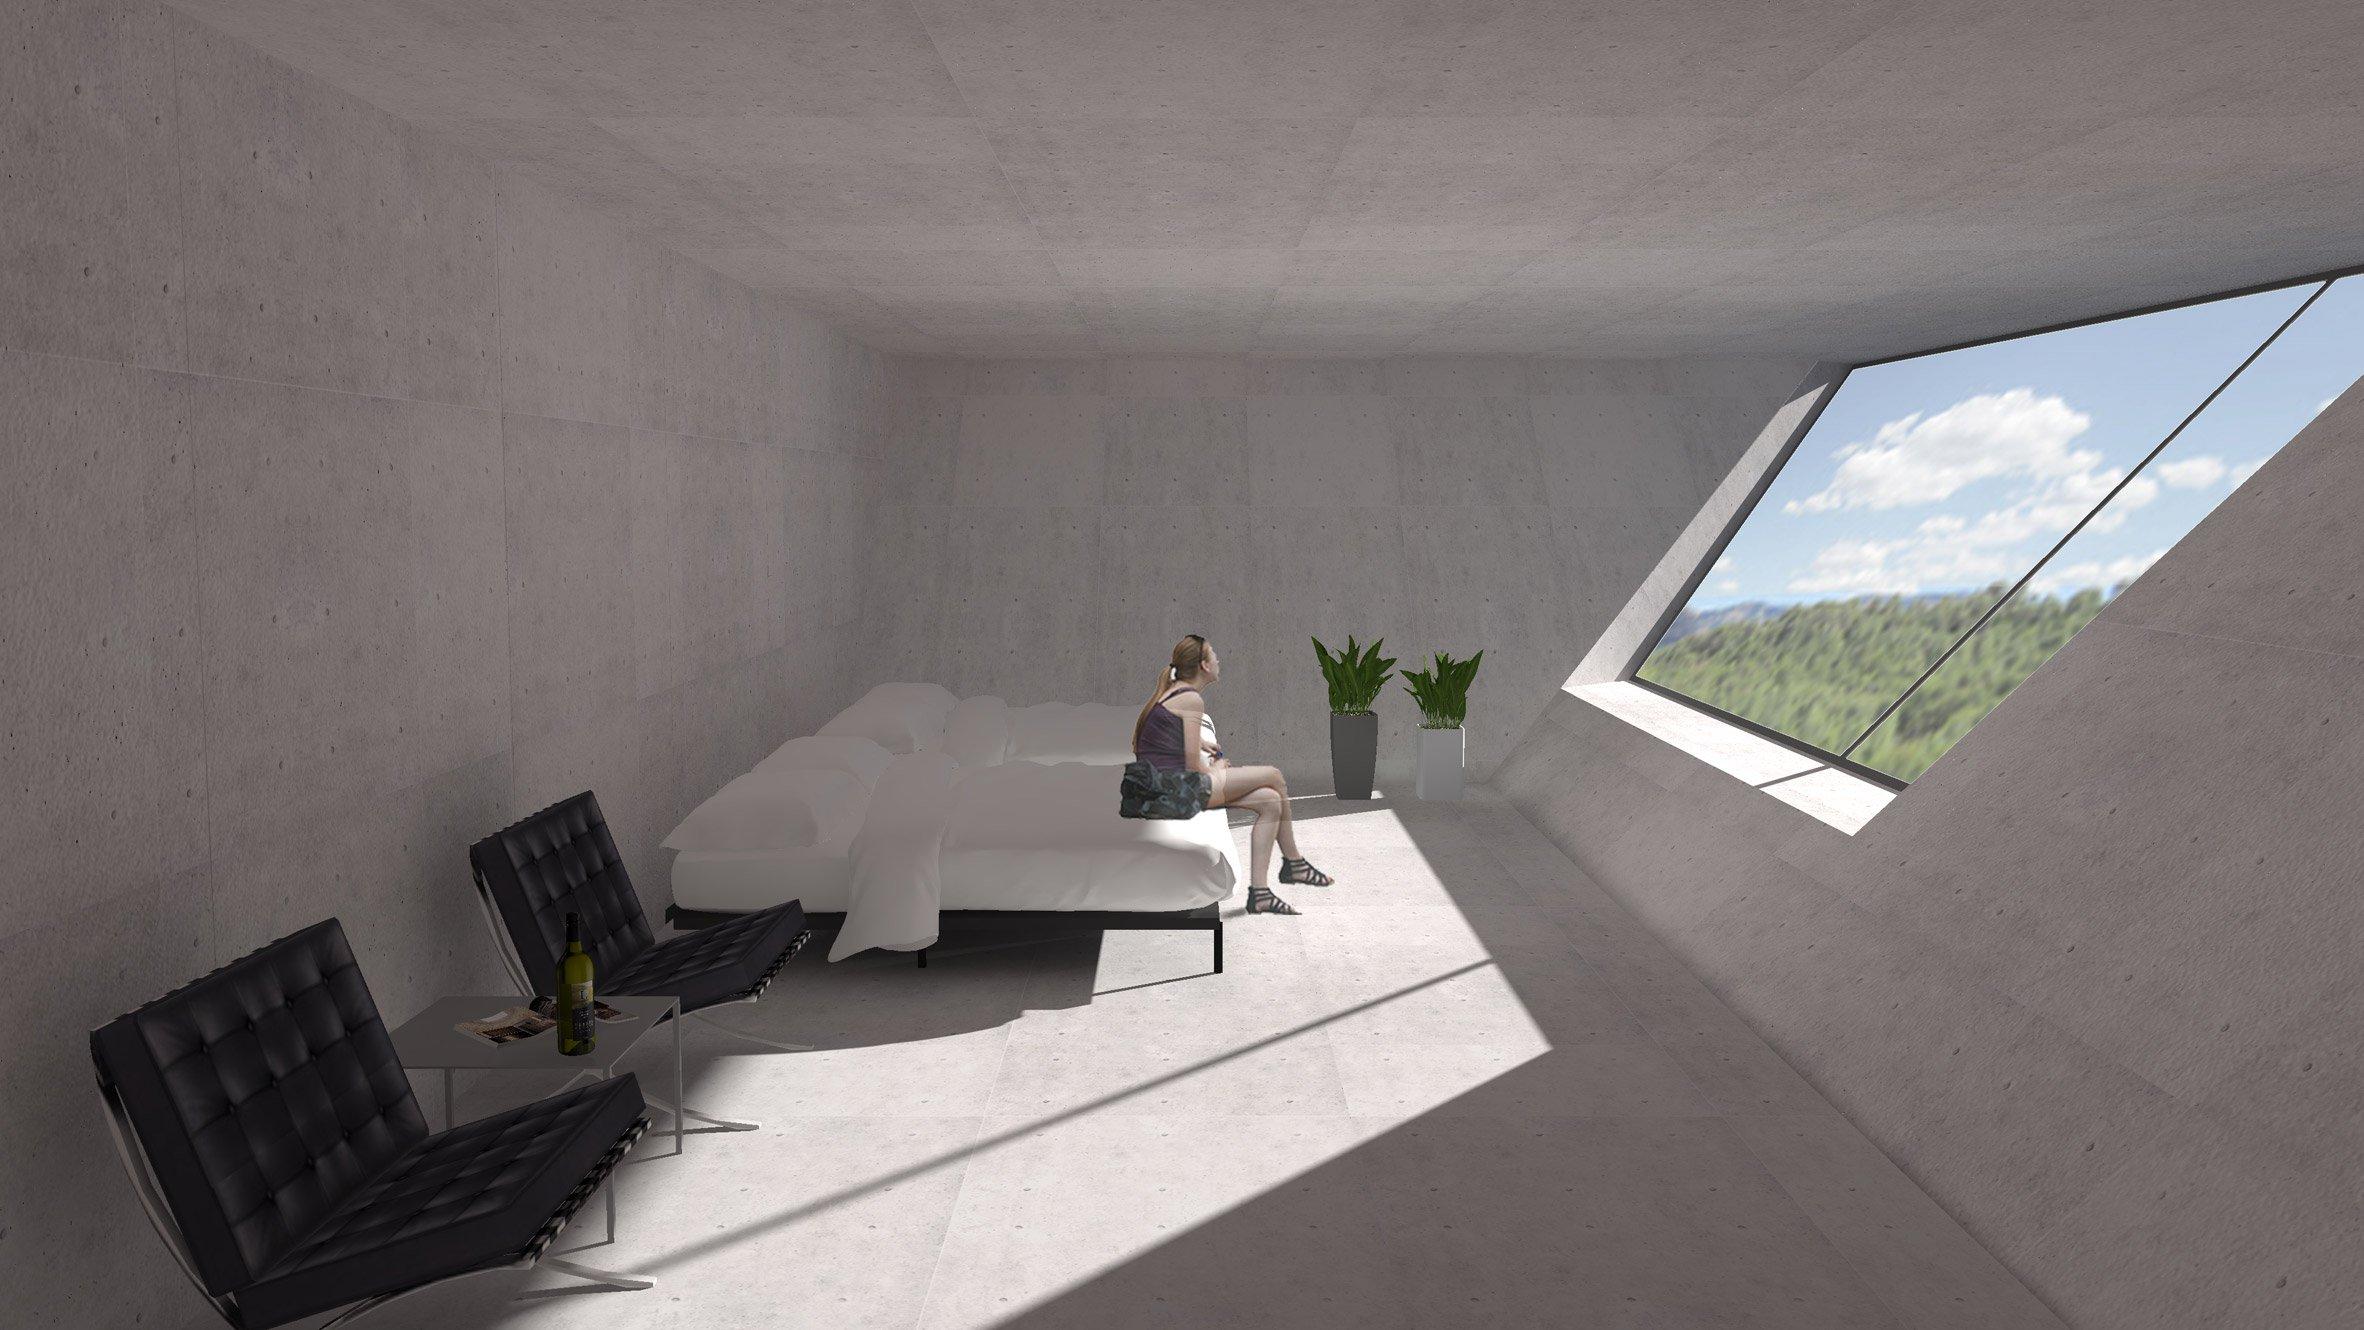 solo-house-tna-architects-tokyo-concrete-pyramid-architecture_dezeen_2364_col_1